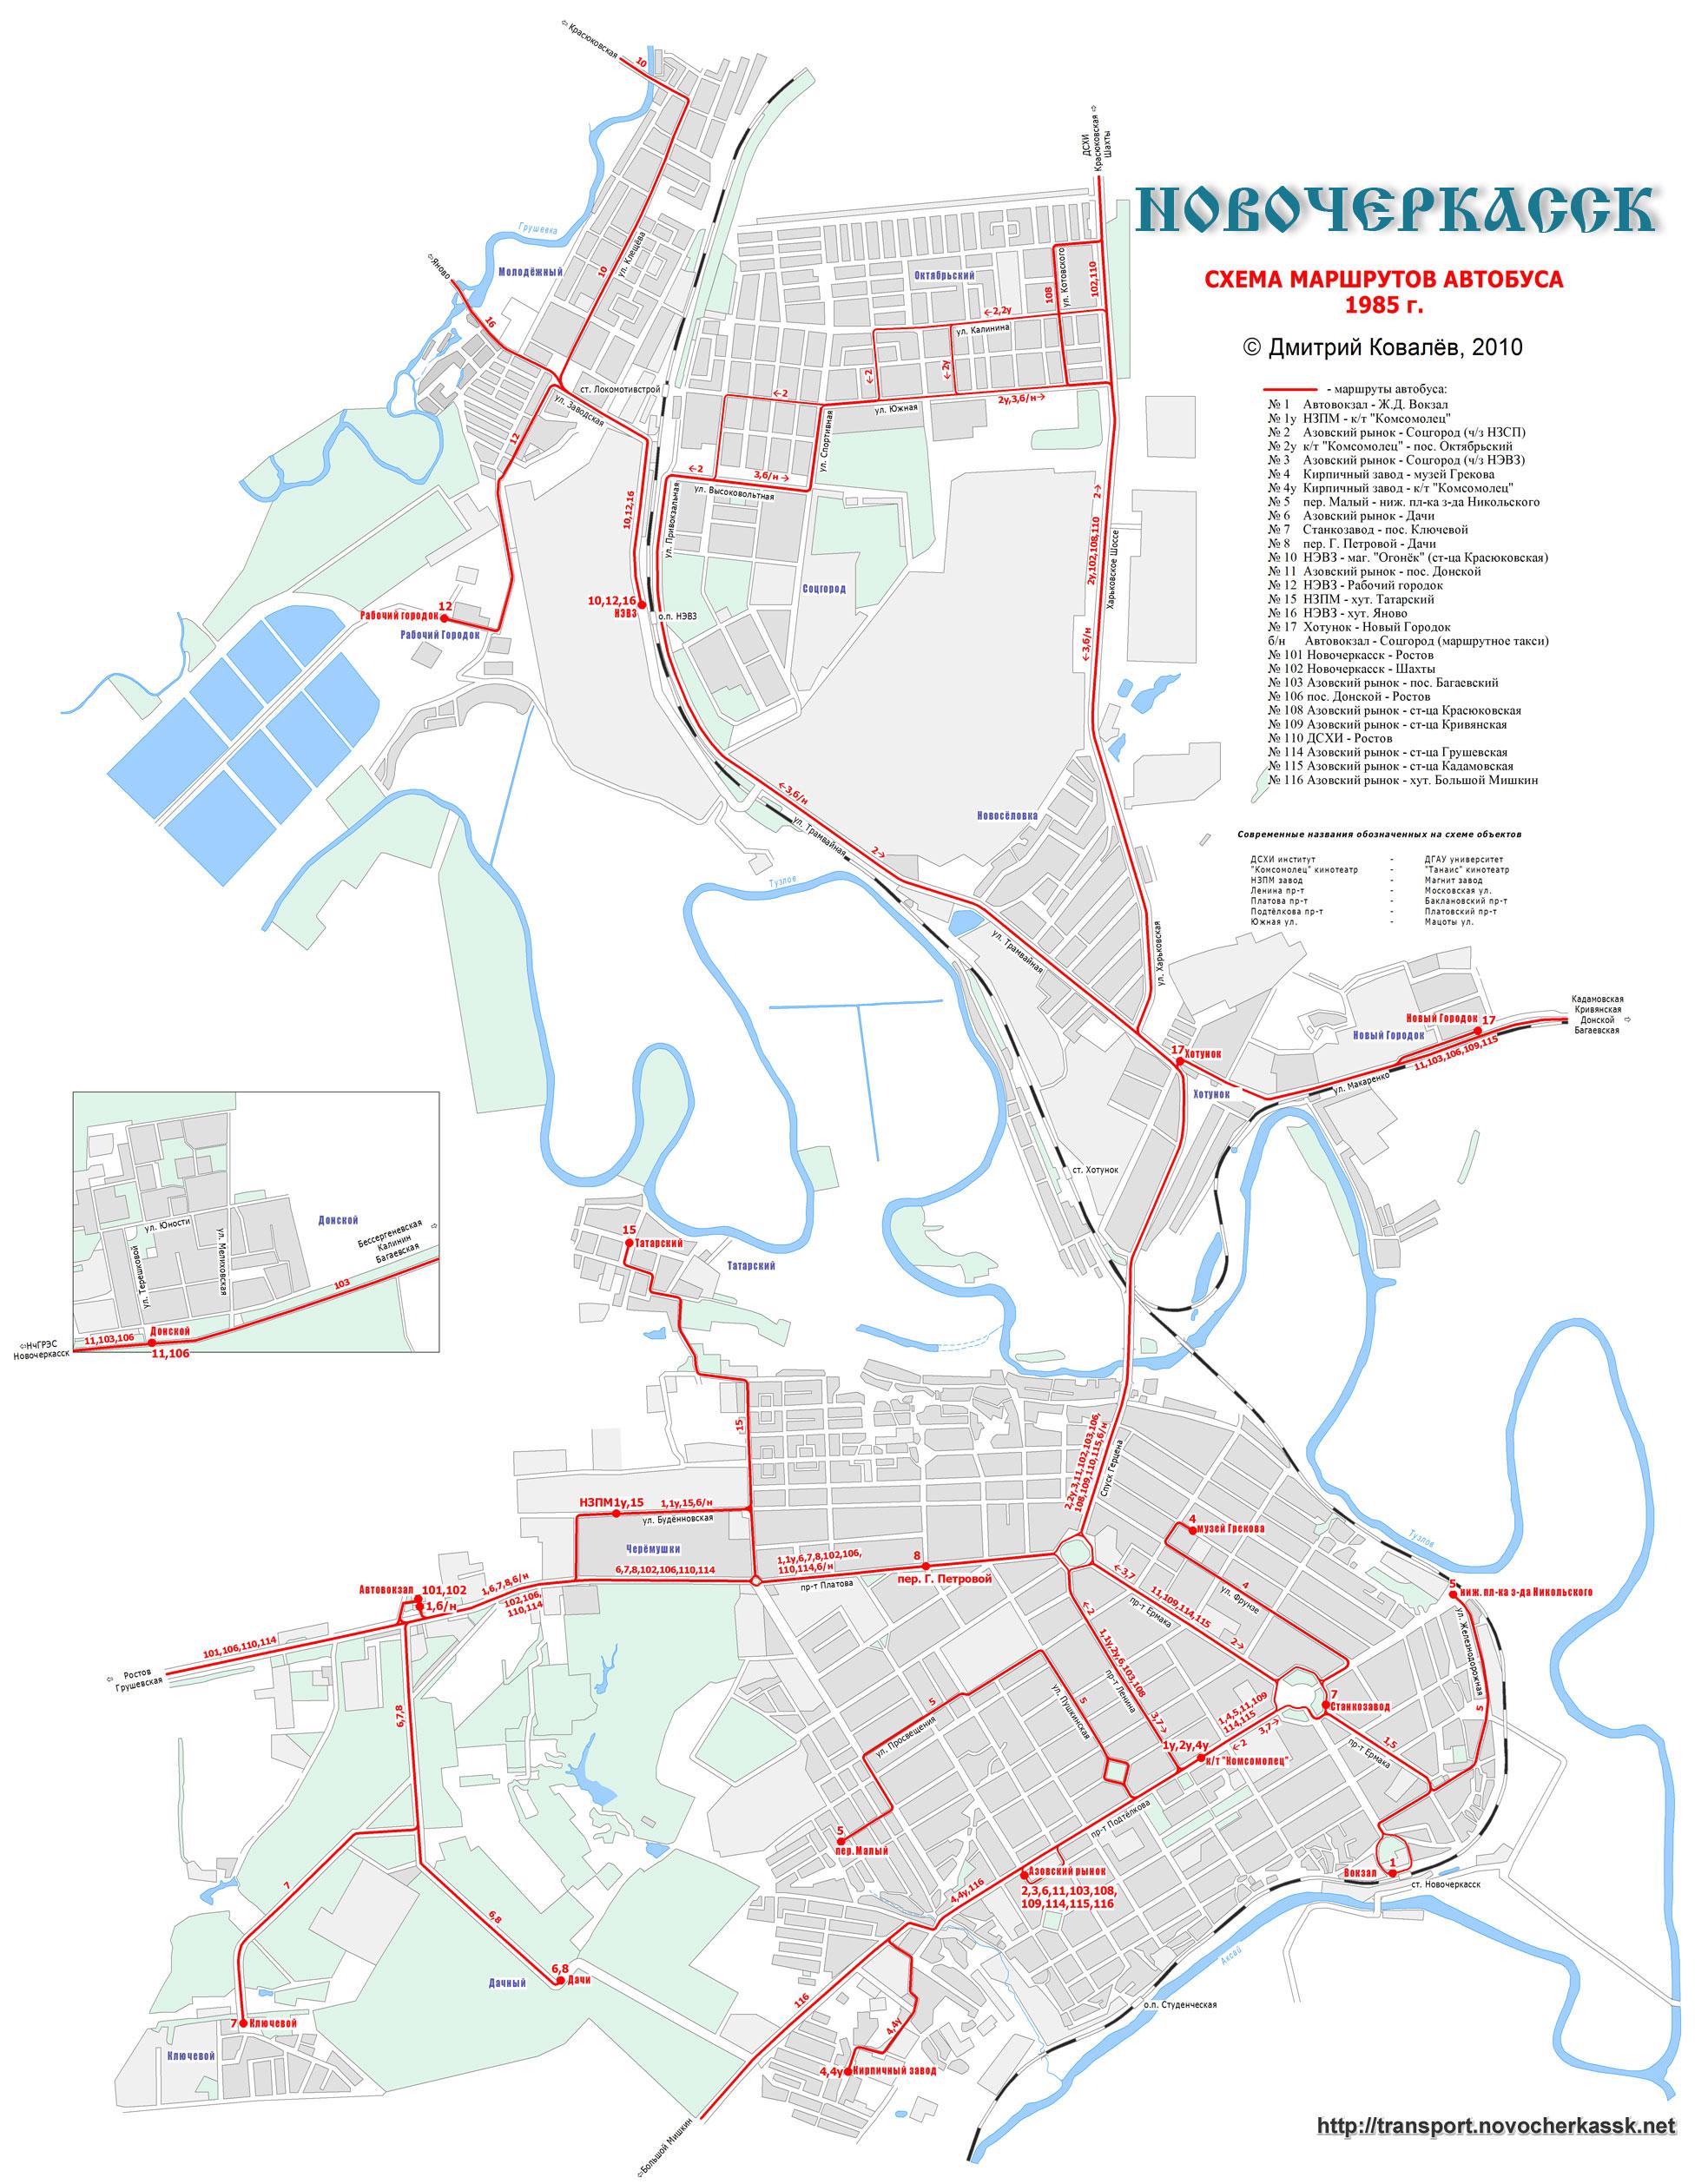 Прокопьевск схема автобусных маршрутов